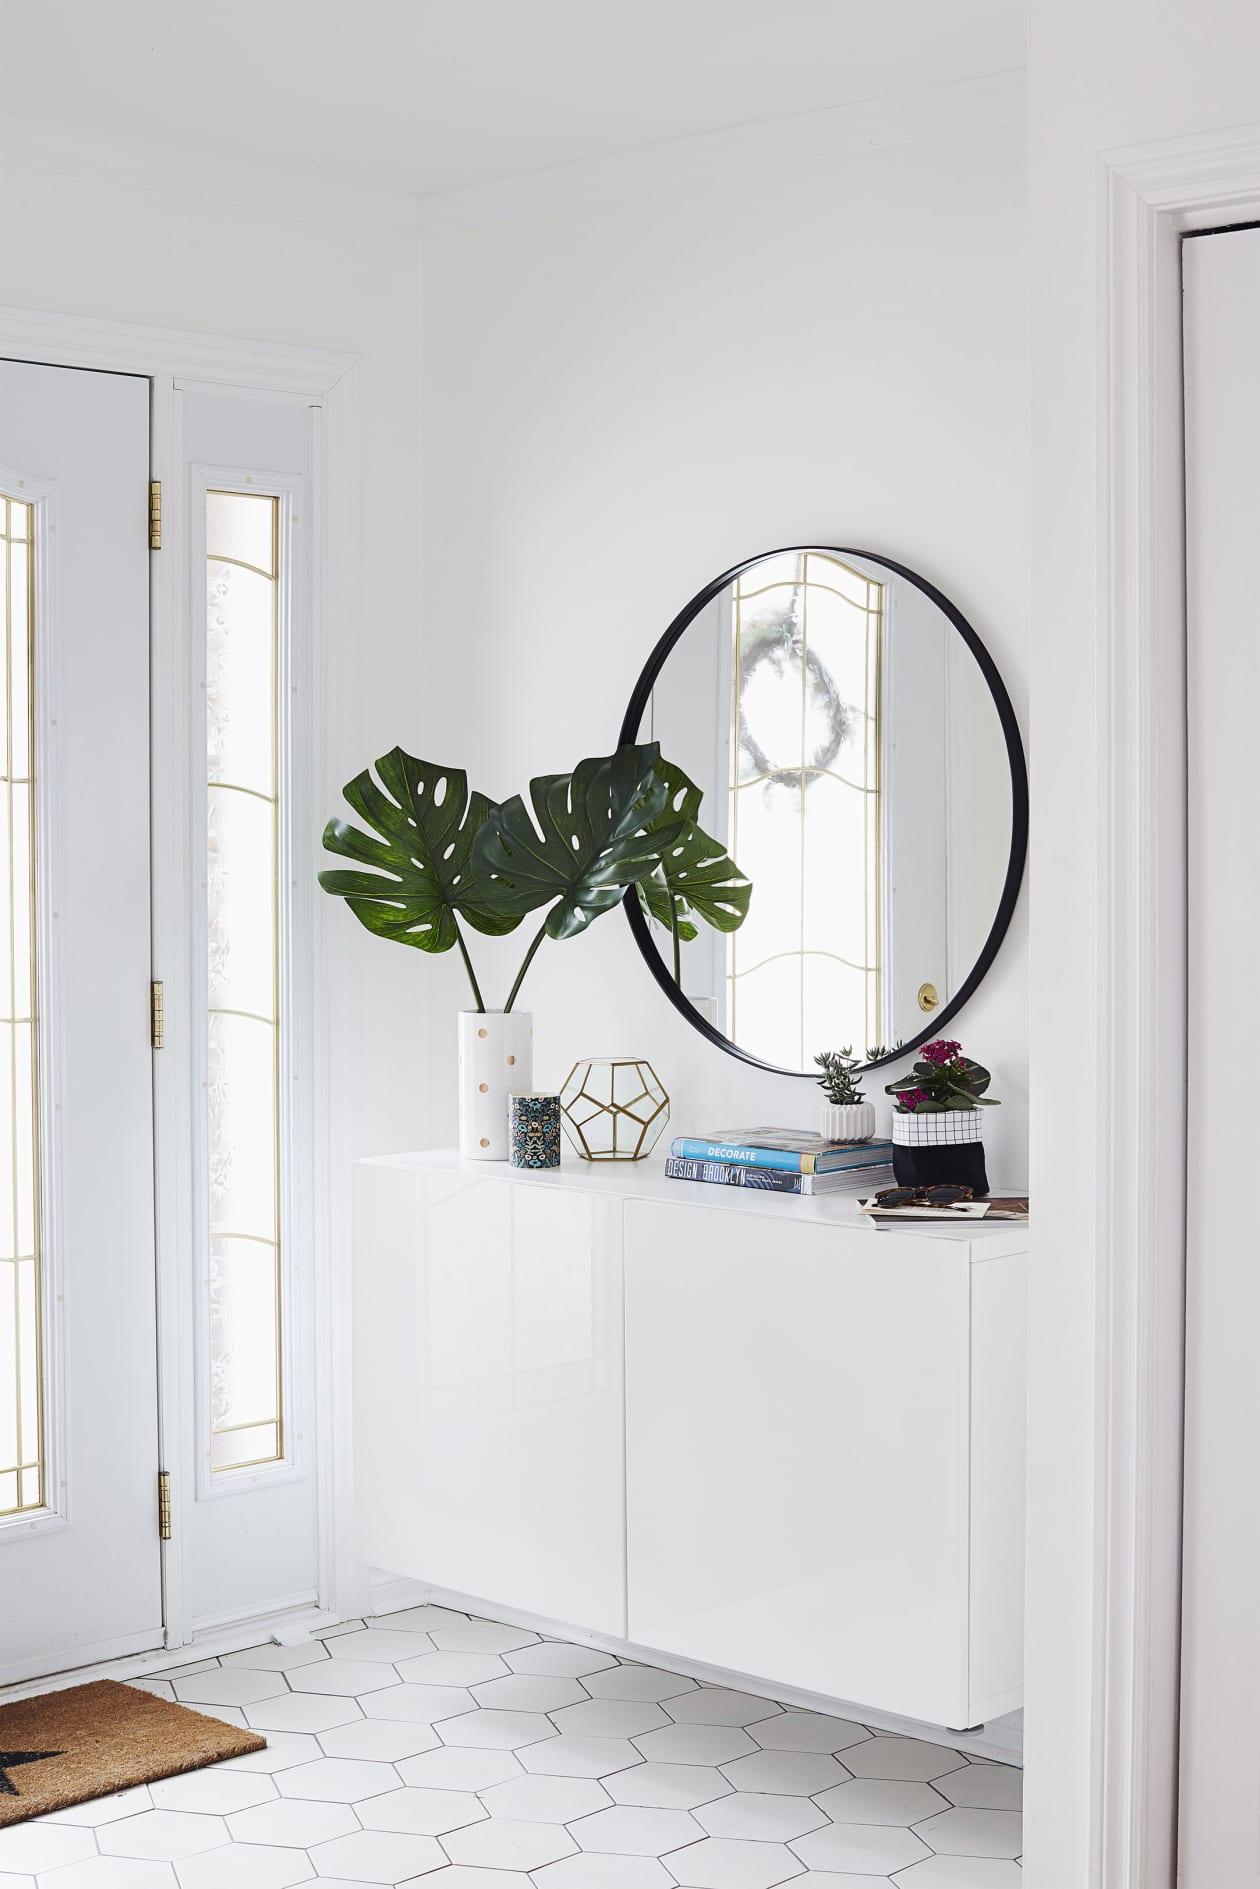 Wall mount IKEA cabinet